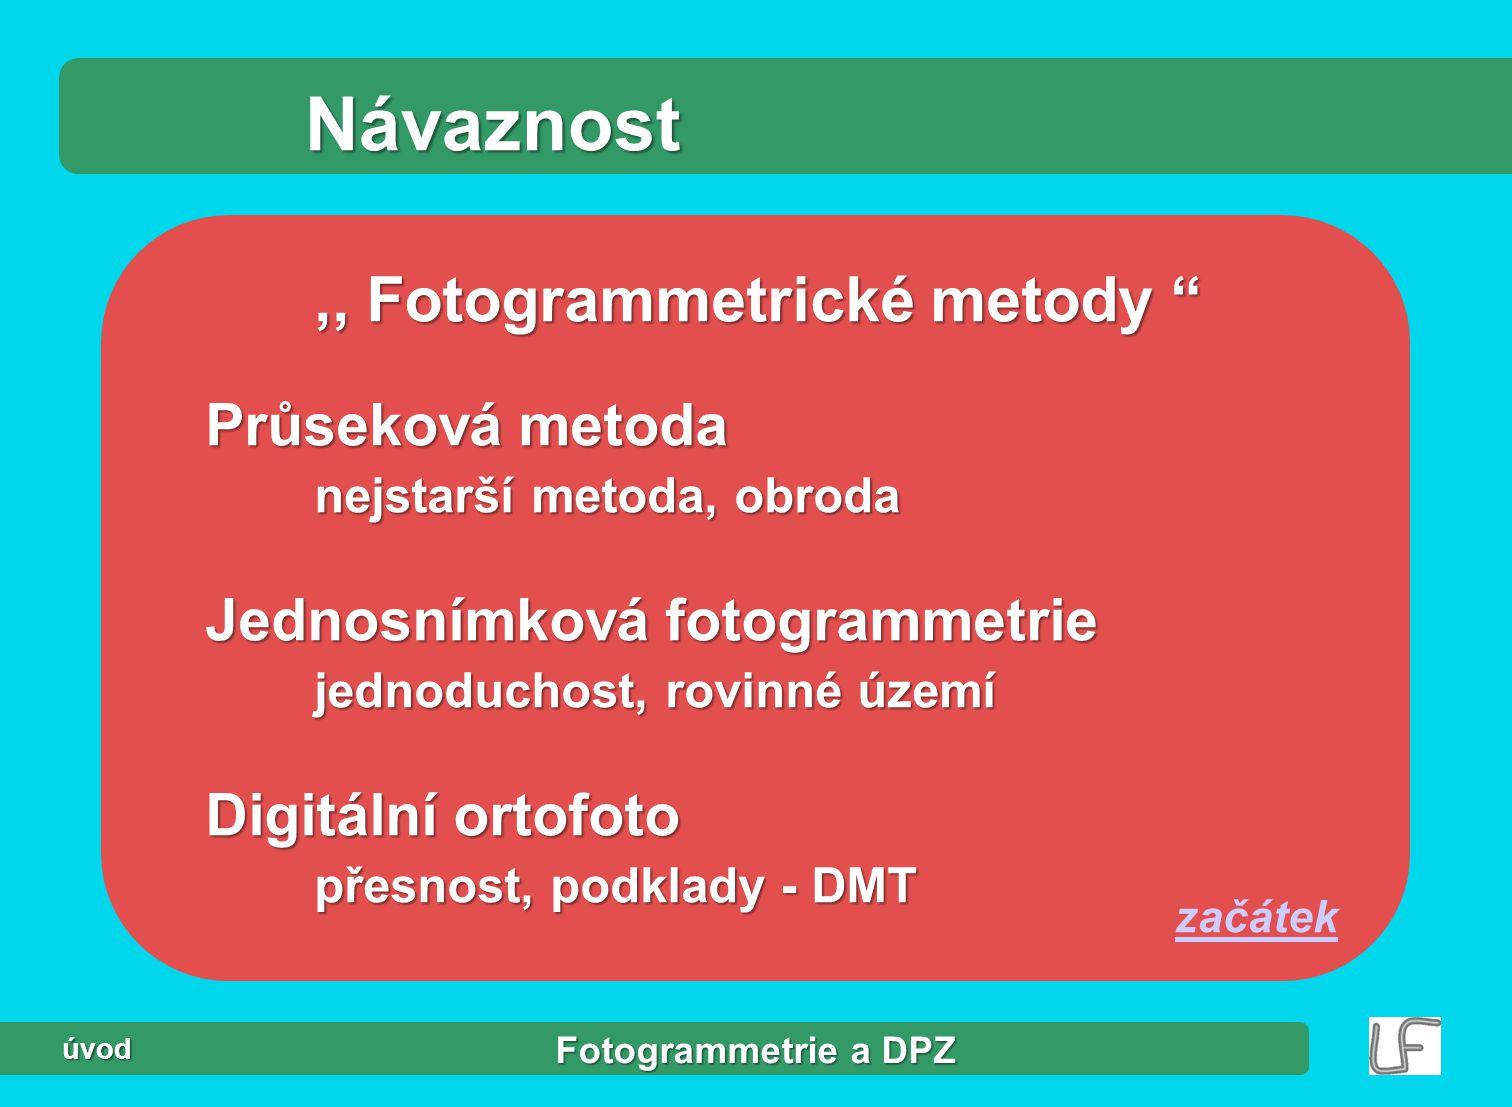 Fotogrammetrie a DPZ úvod Návaznost,, Fotogrammetrické metody Průseková metoda nejstarší metoda, obroda Jednosnímková fotogrammetrie jednoduchost, rovinné území Digitální ortofoto přesnost, podklady - DMT začátek